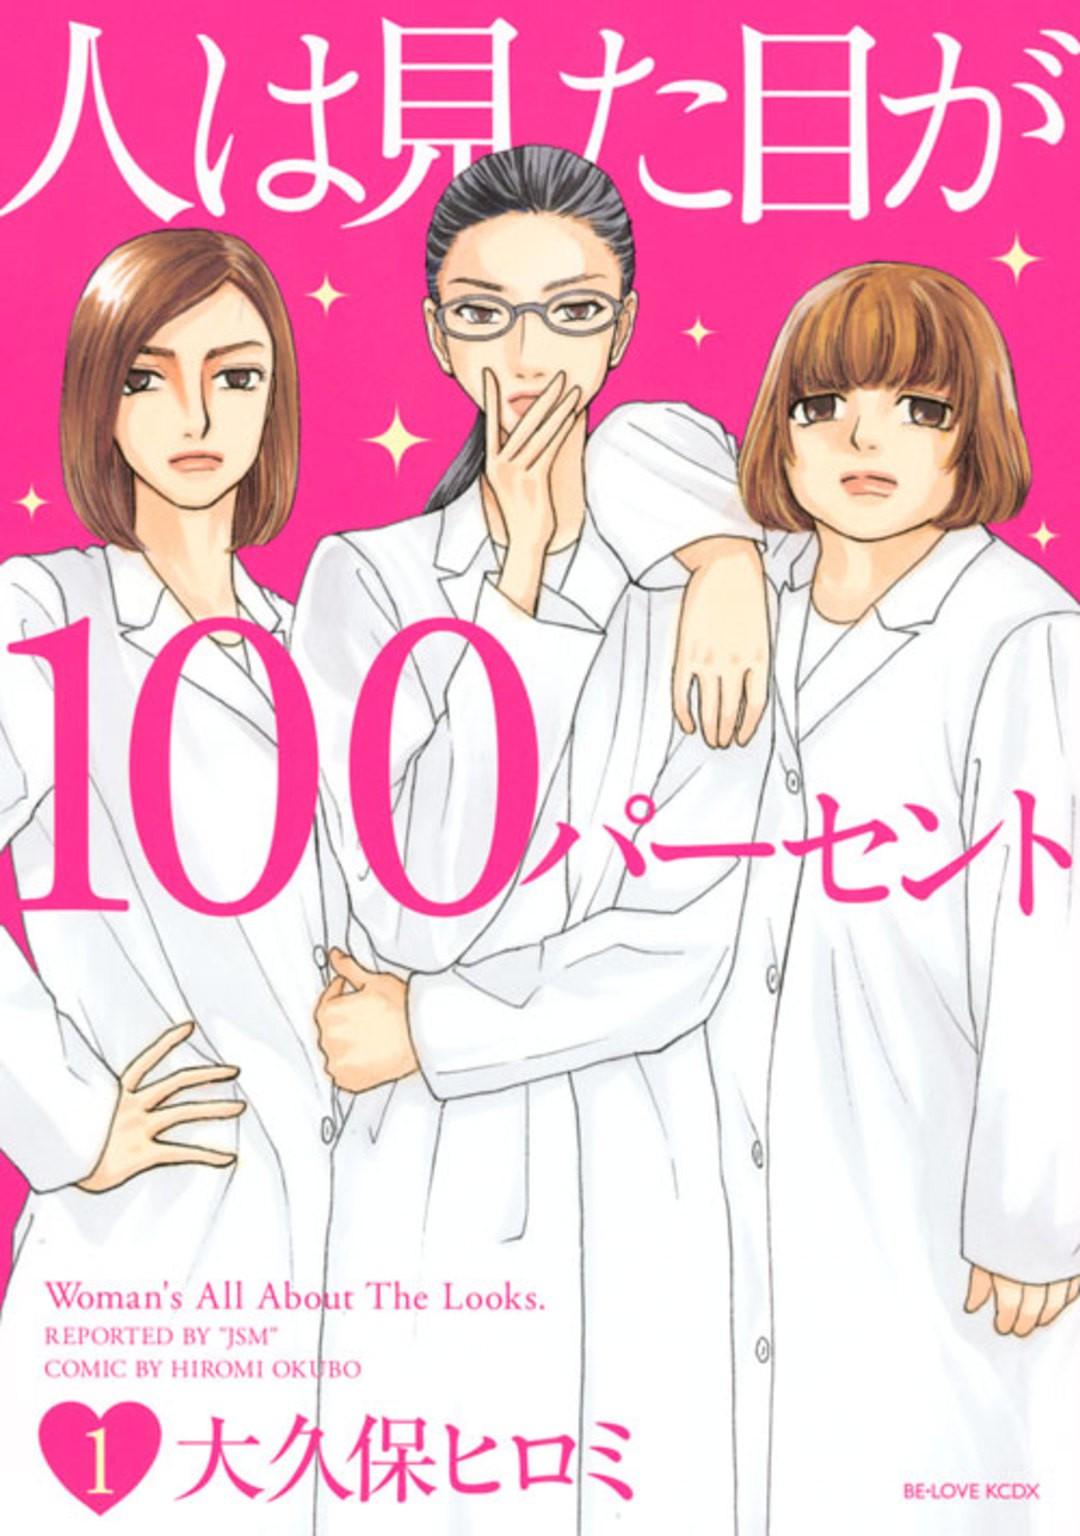 「女子モドキ」たちの、どマジメ研究が笑える&泣ける!